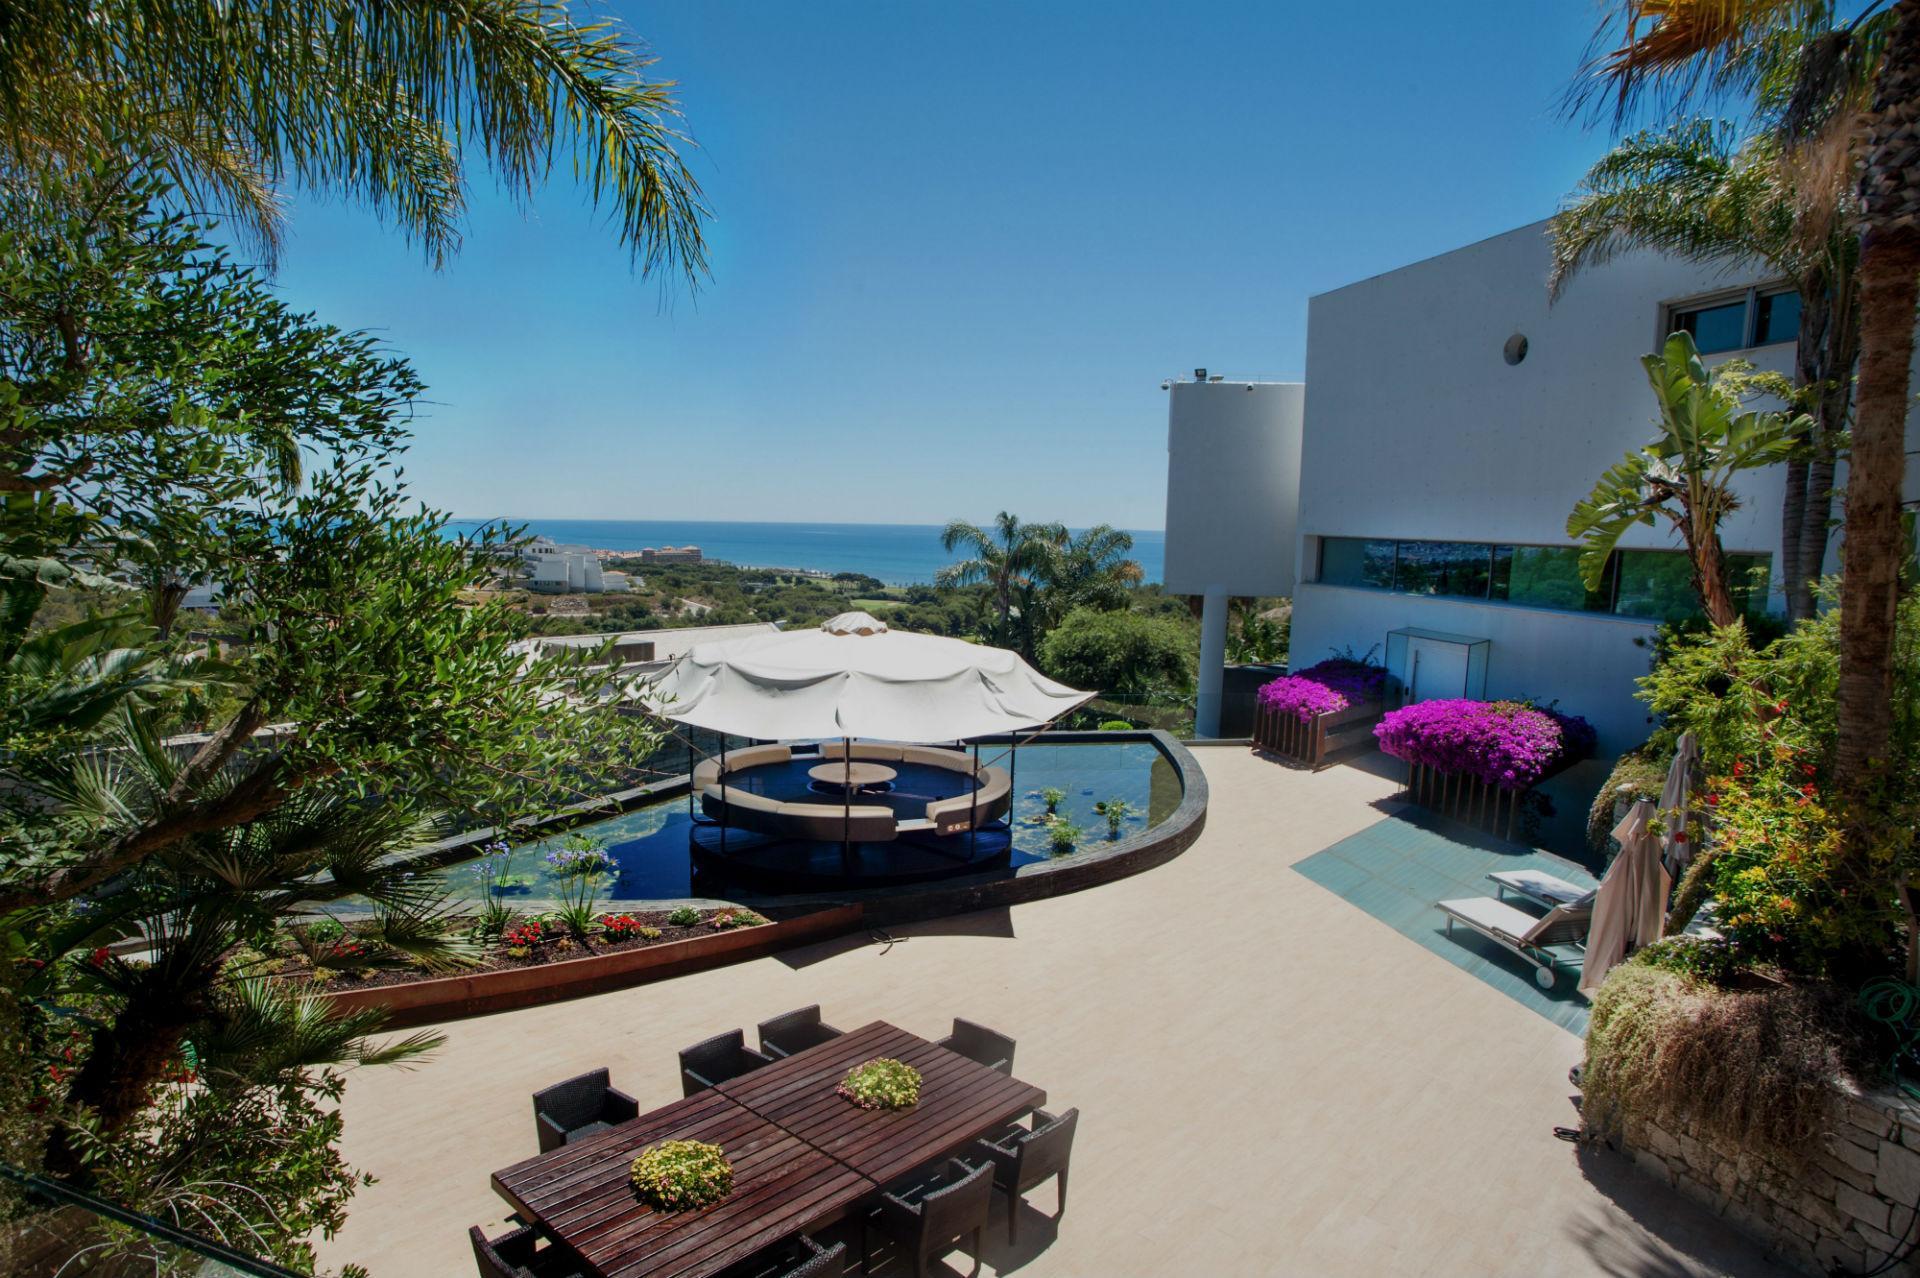 designer villa near ocean in sitges barcelona